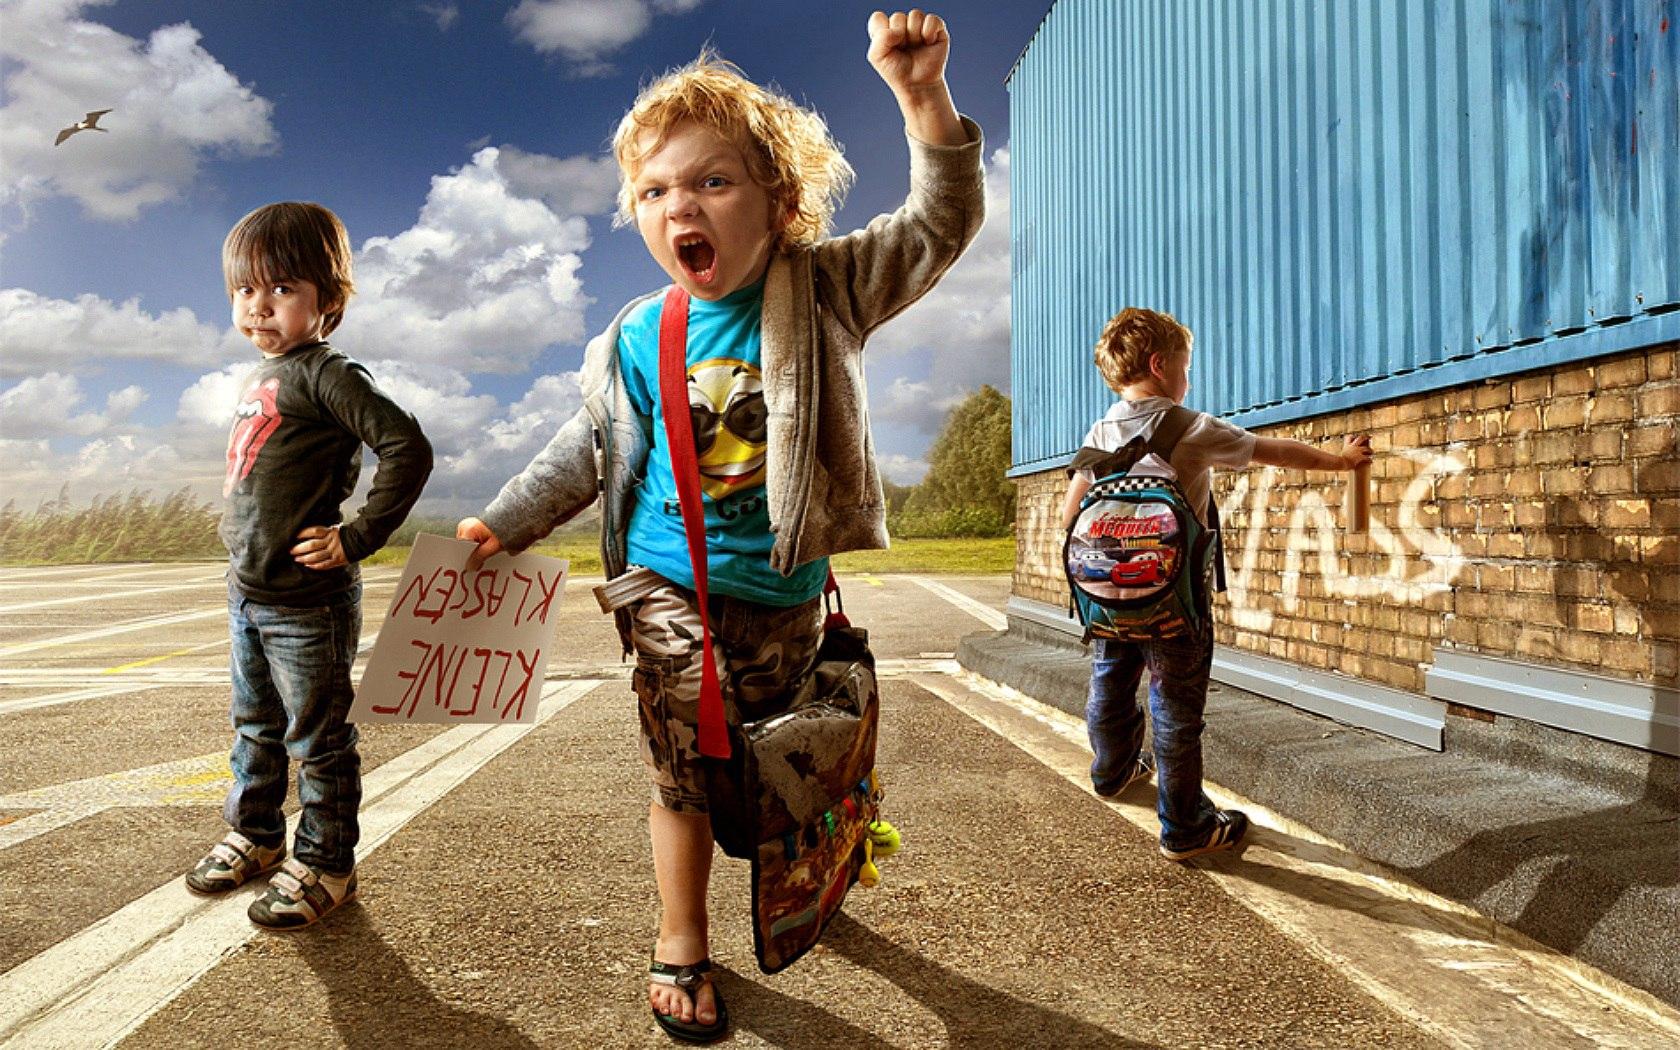 Детей бить нельзя! Или что стало с современной молодежью?